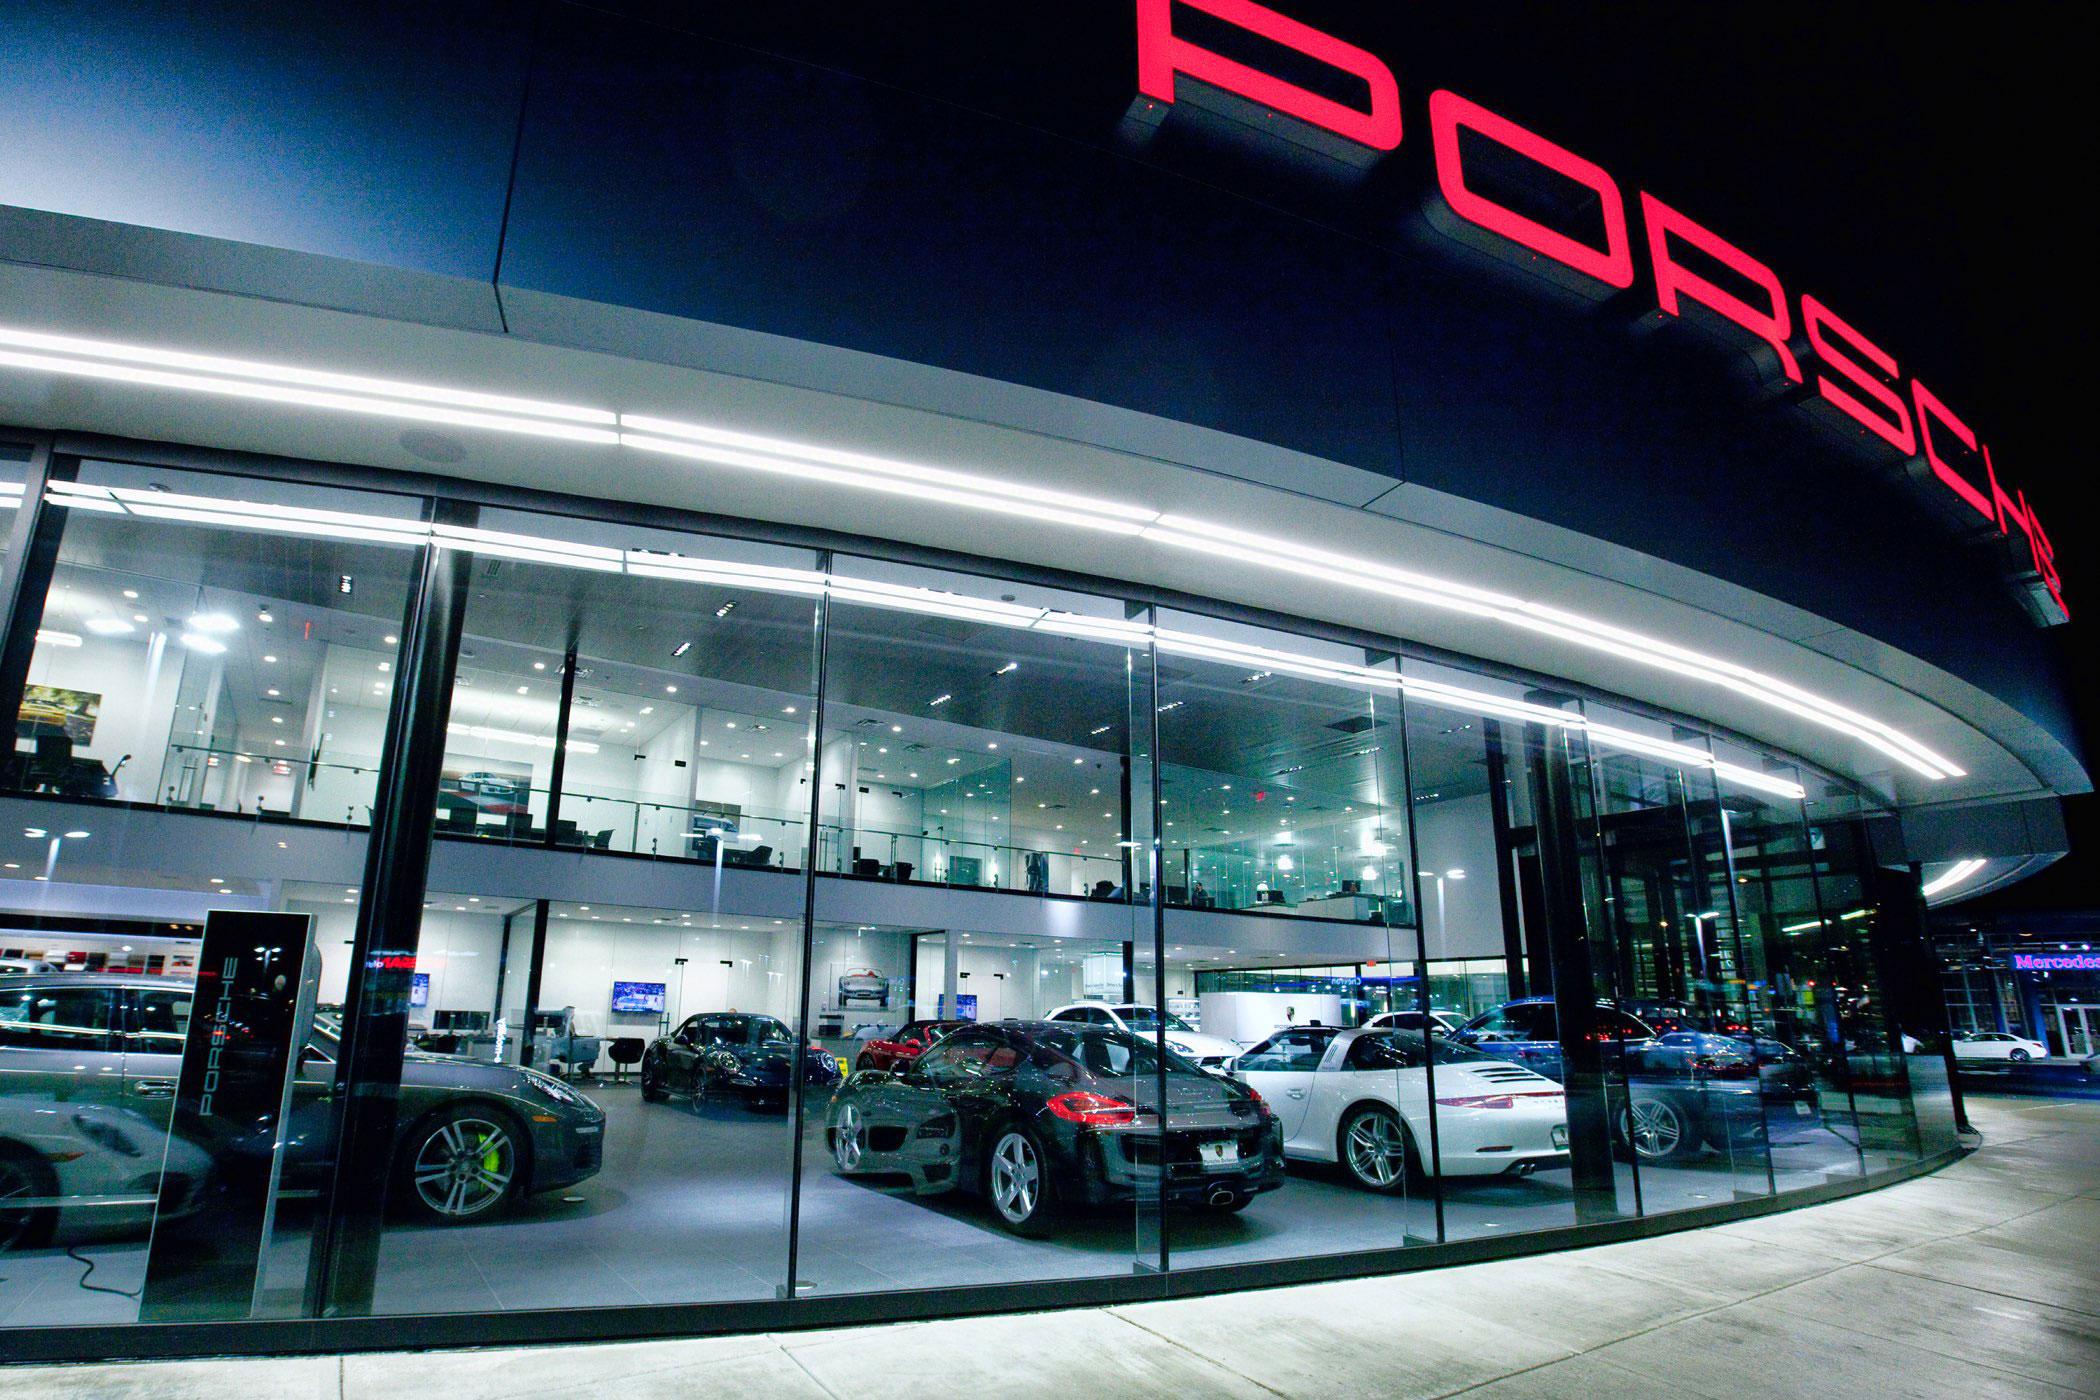 Studio Lux Lighting Porsche Barrier